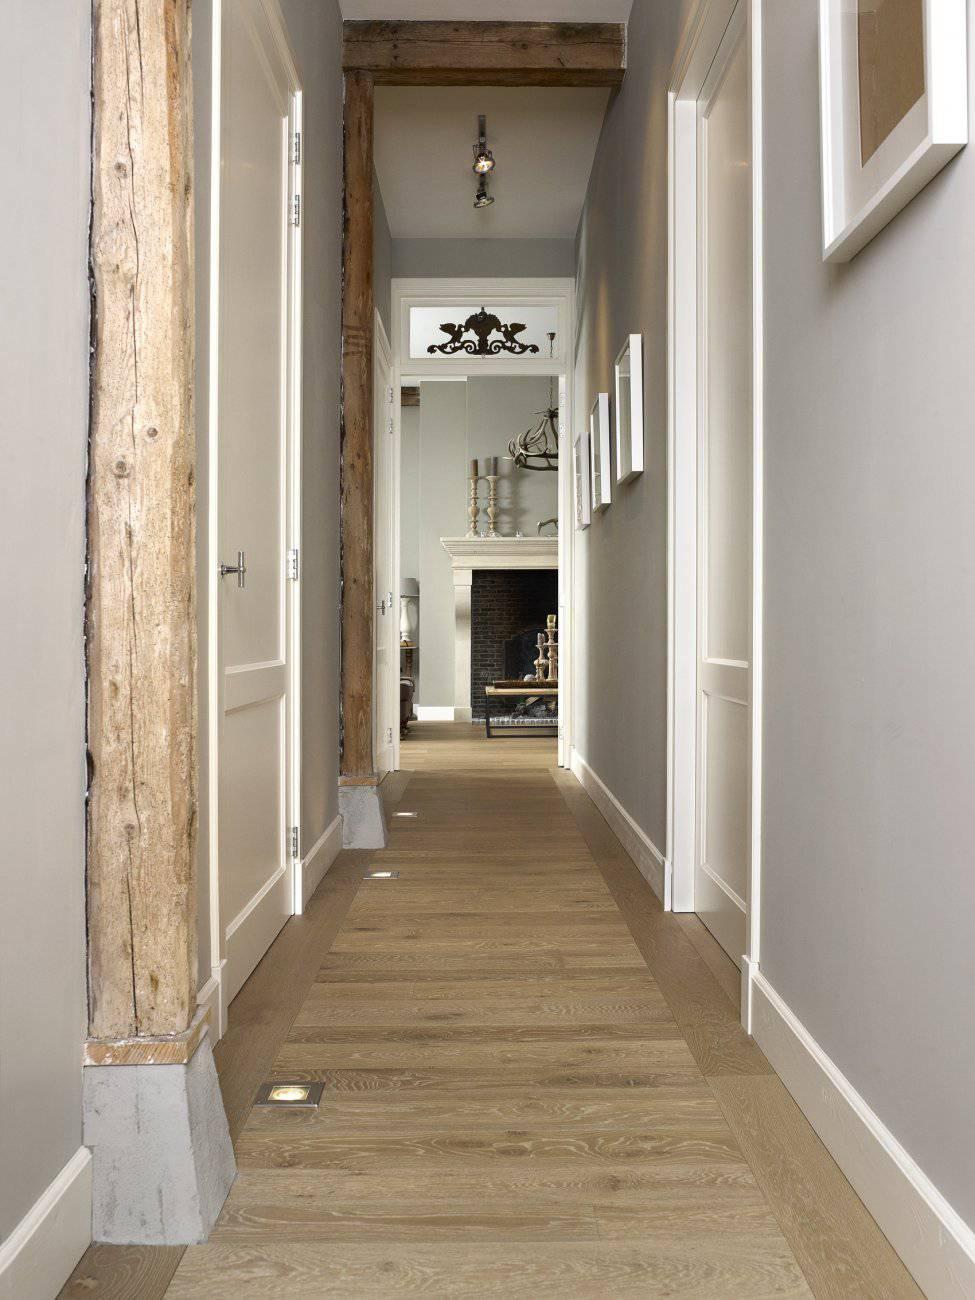 Plankenvloer Badkamer : Het mooiste interieur bij u thuis.